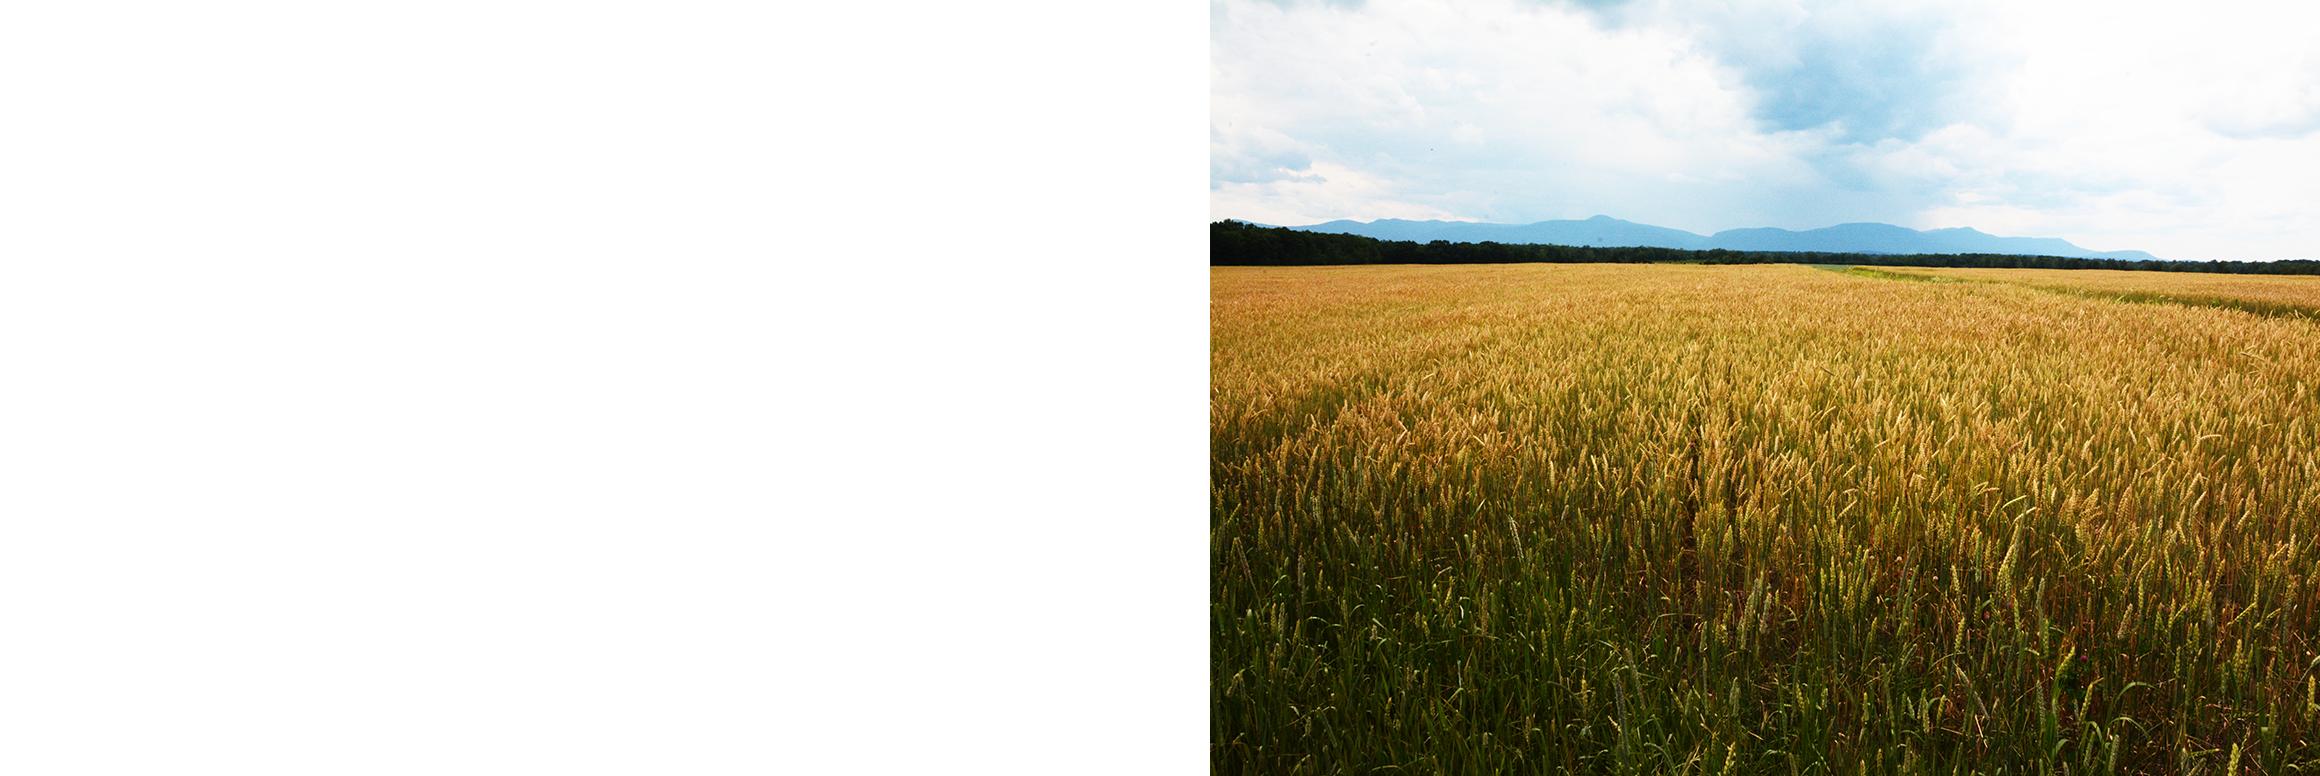 Land clipart wheat field. Stone house grain farm